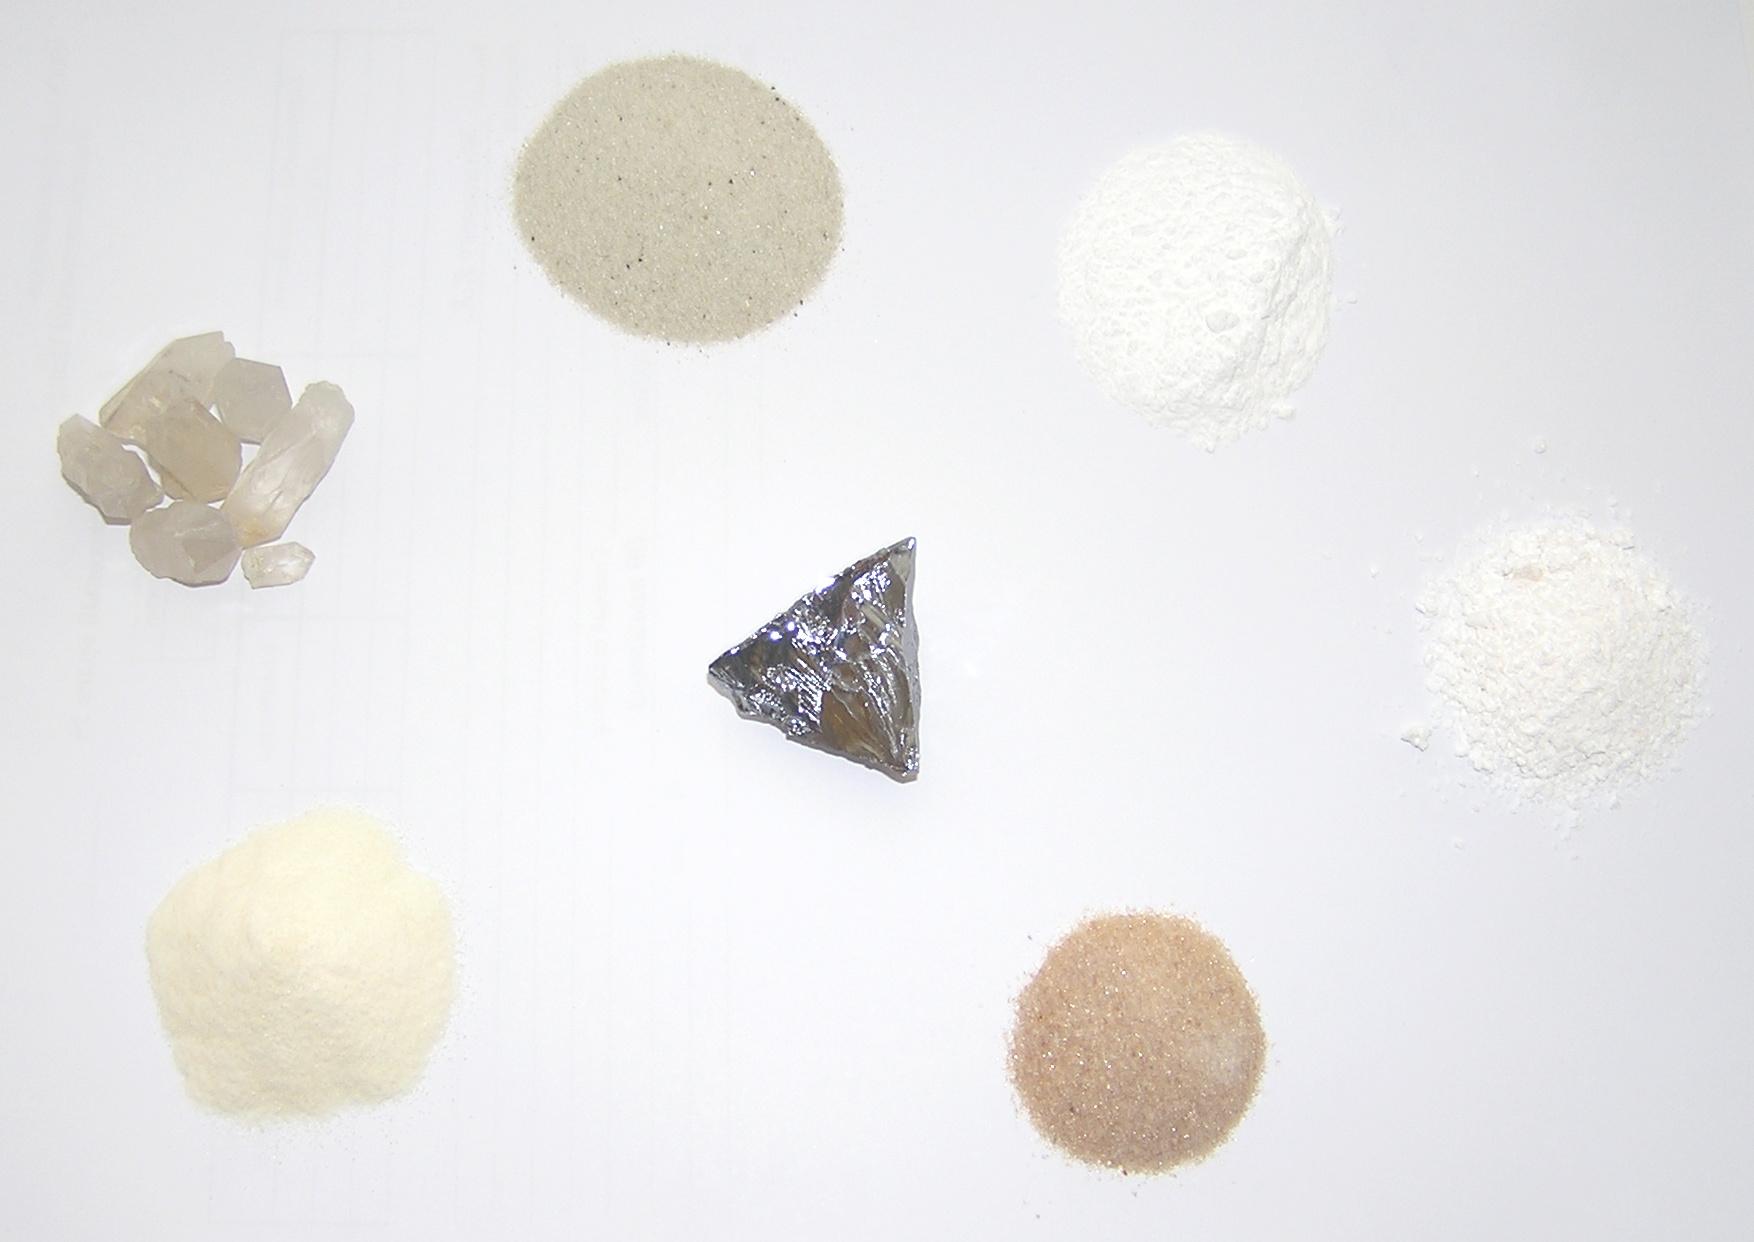 По часовой стрелке с левого нижнего угла: кремнекислота из жидкого стекла, кристаллы кварца, кварцевый песок, кварцит истертый и очищенный, оксид кремния (IV) по ГОСТ 9428-73, силикагель